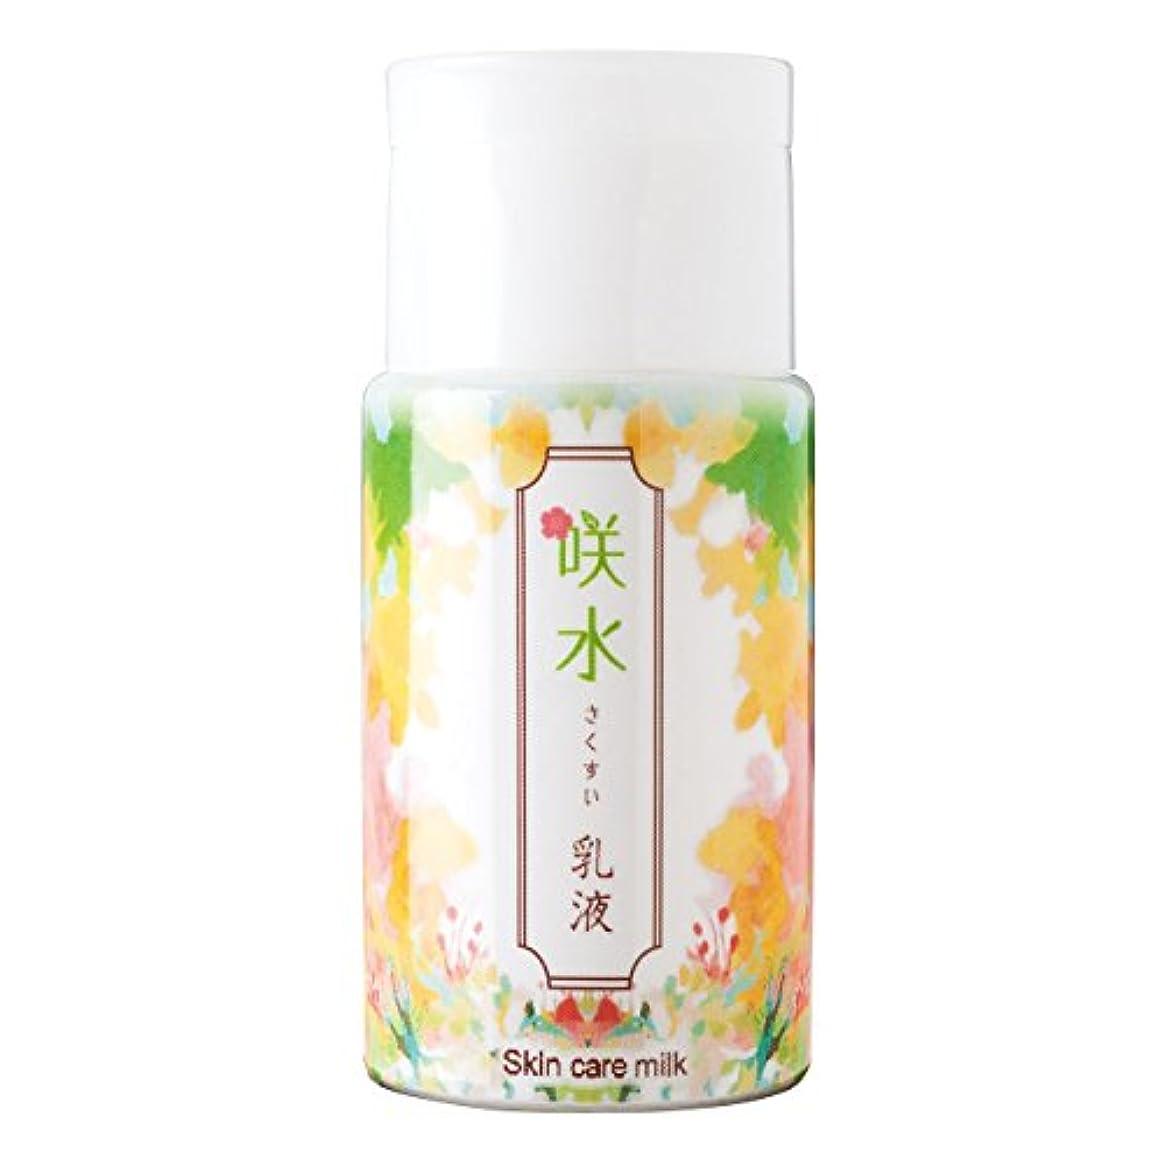 しわ文言方言咲水 スキンケア乳液 100ml リバテープ製薬 日本製 スイゼンジノリ サクラン 乾燥 肌 顔 フェイス